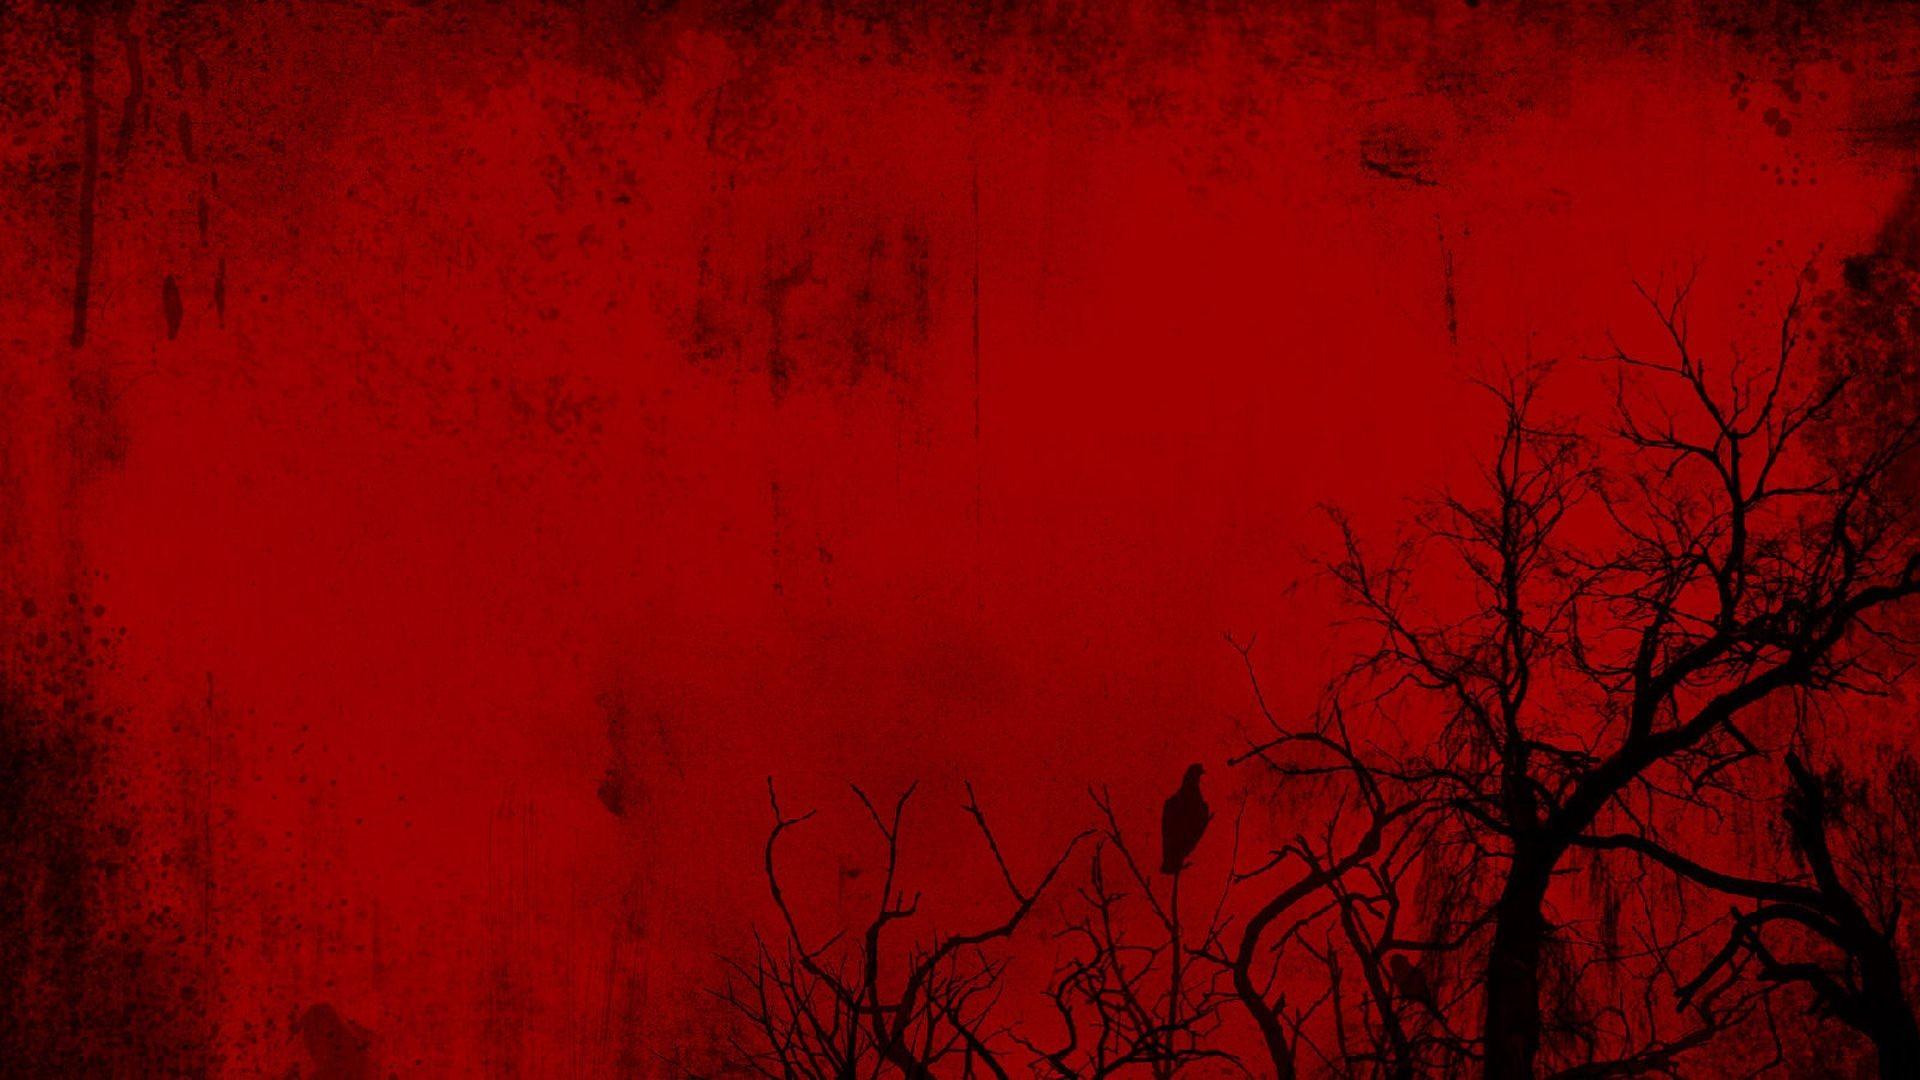 картинки для рабочего стола кровавое воздушность